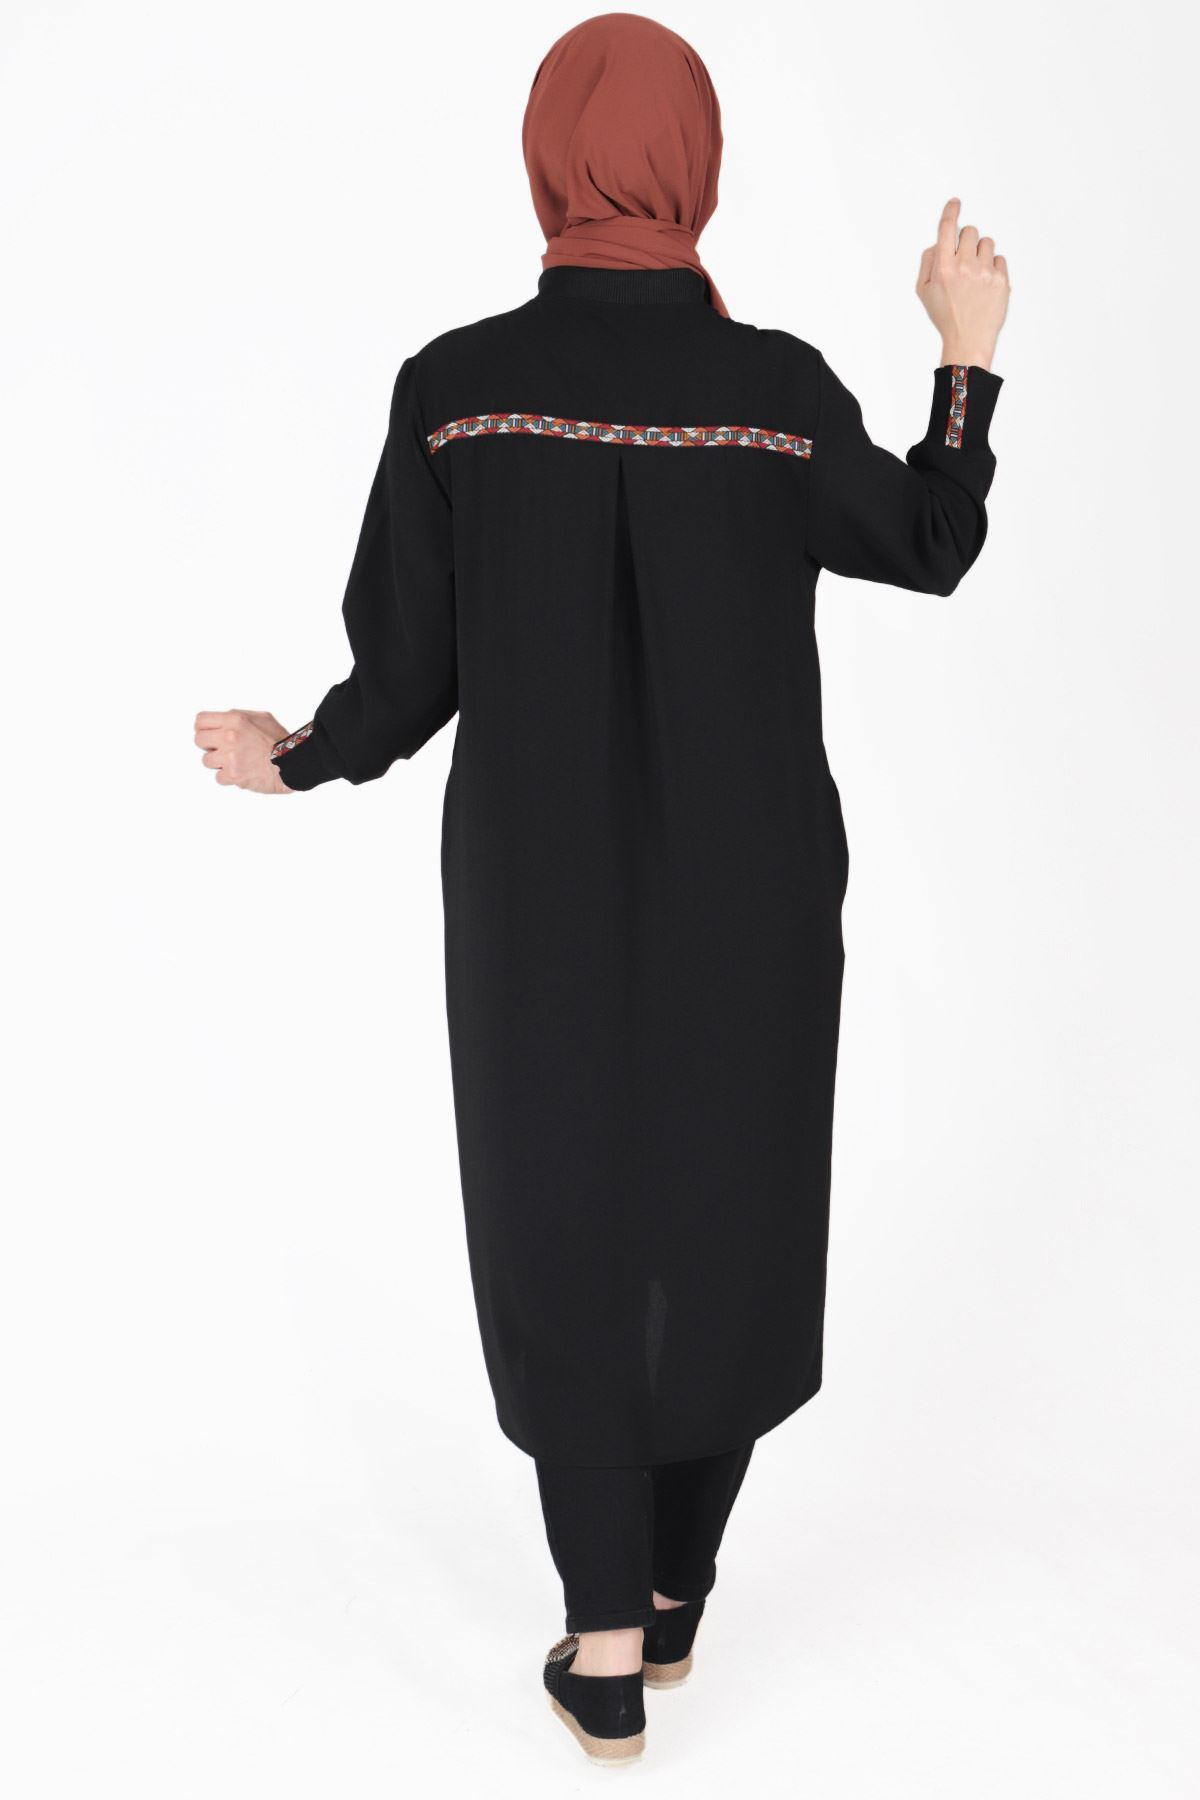 Büyük Beden Tesettür Kap Siyah 25019